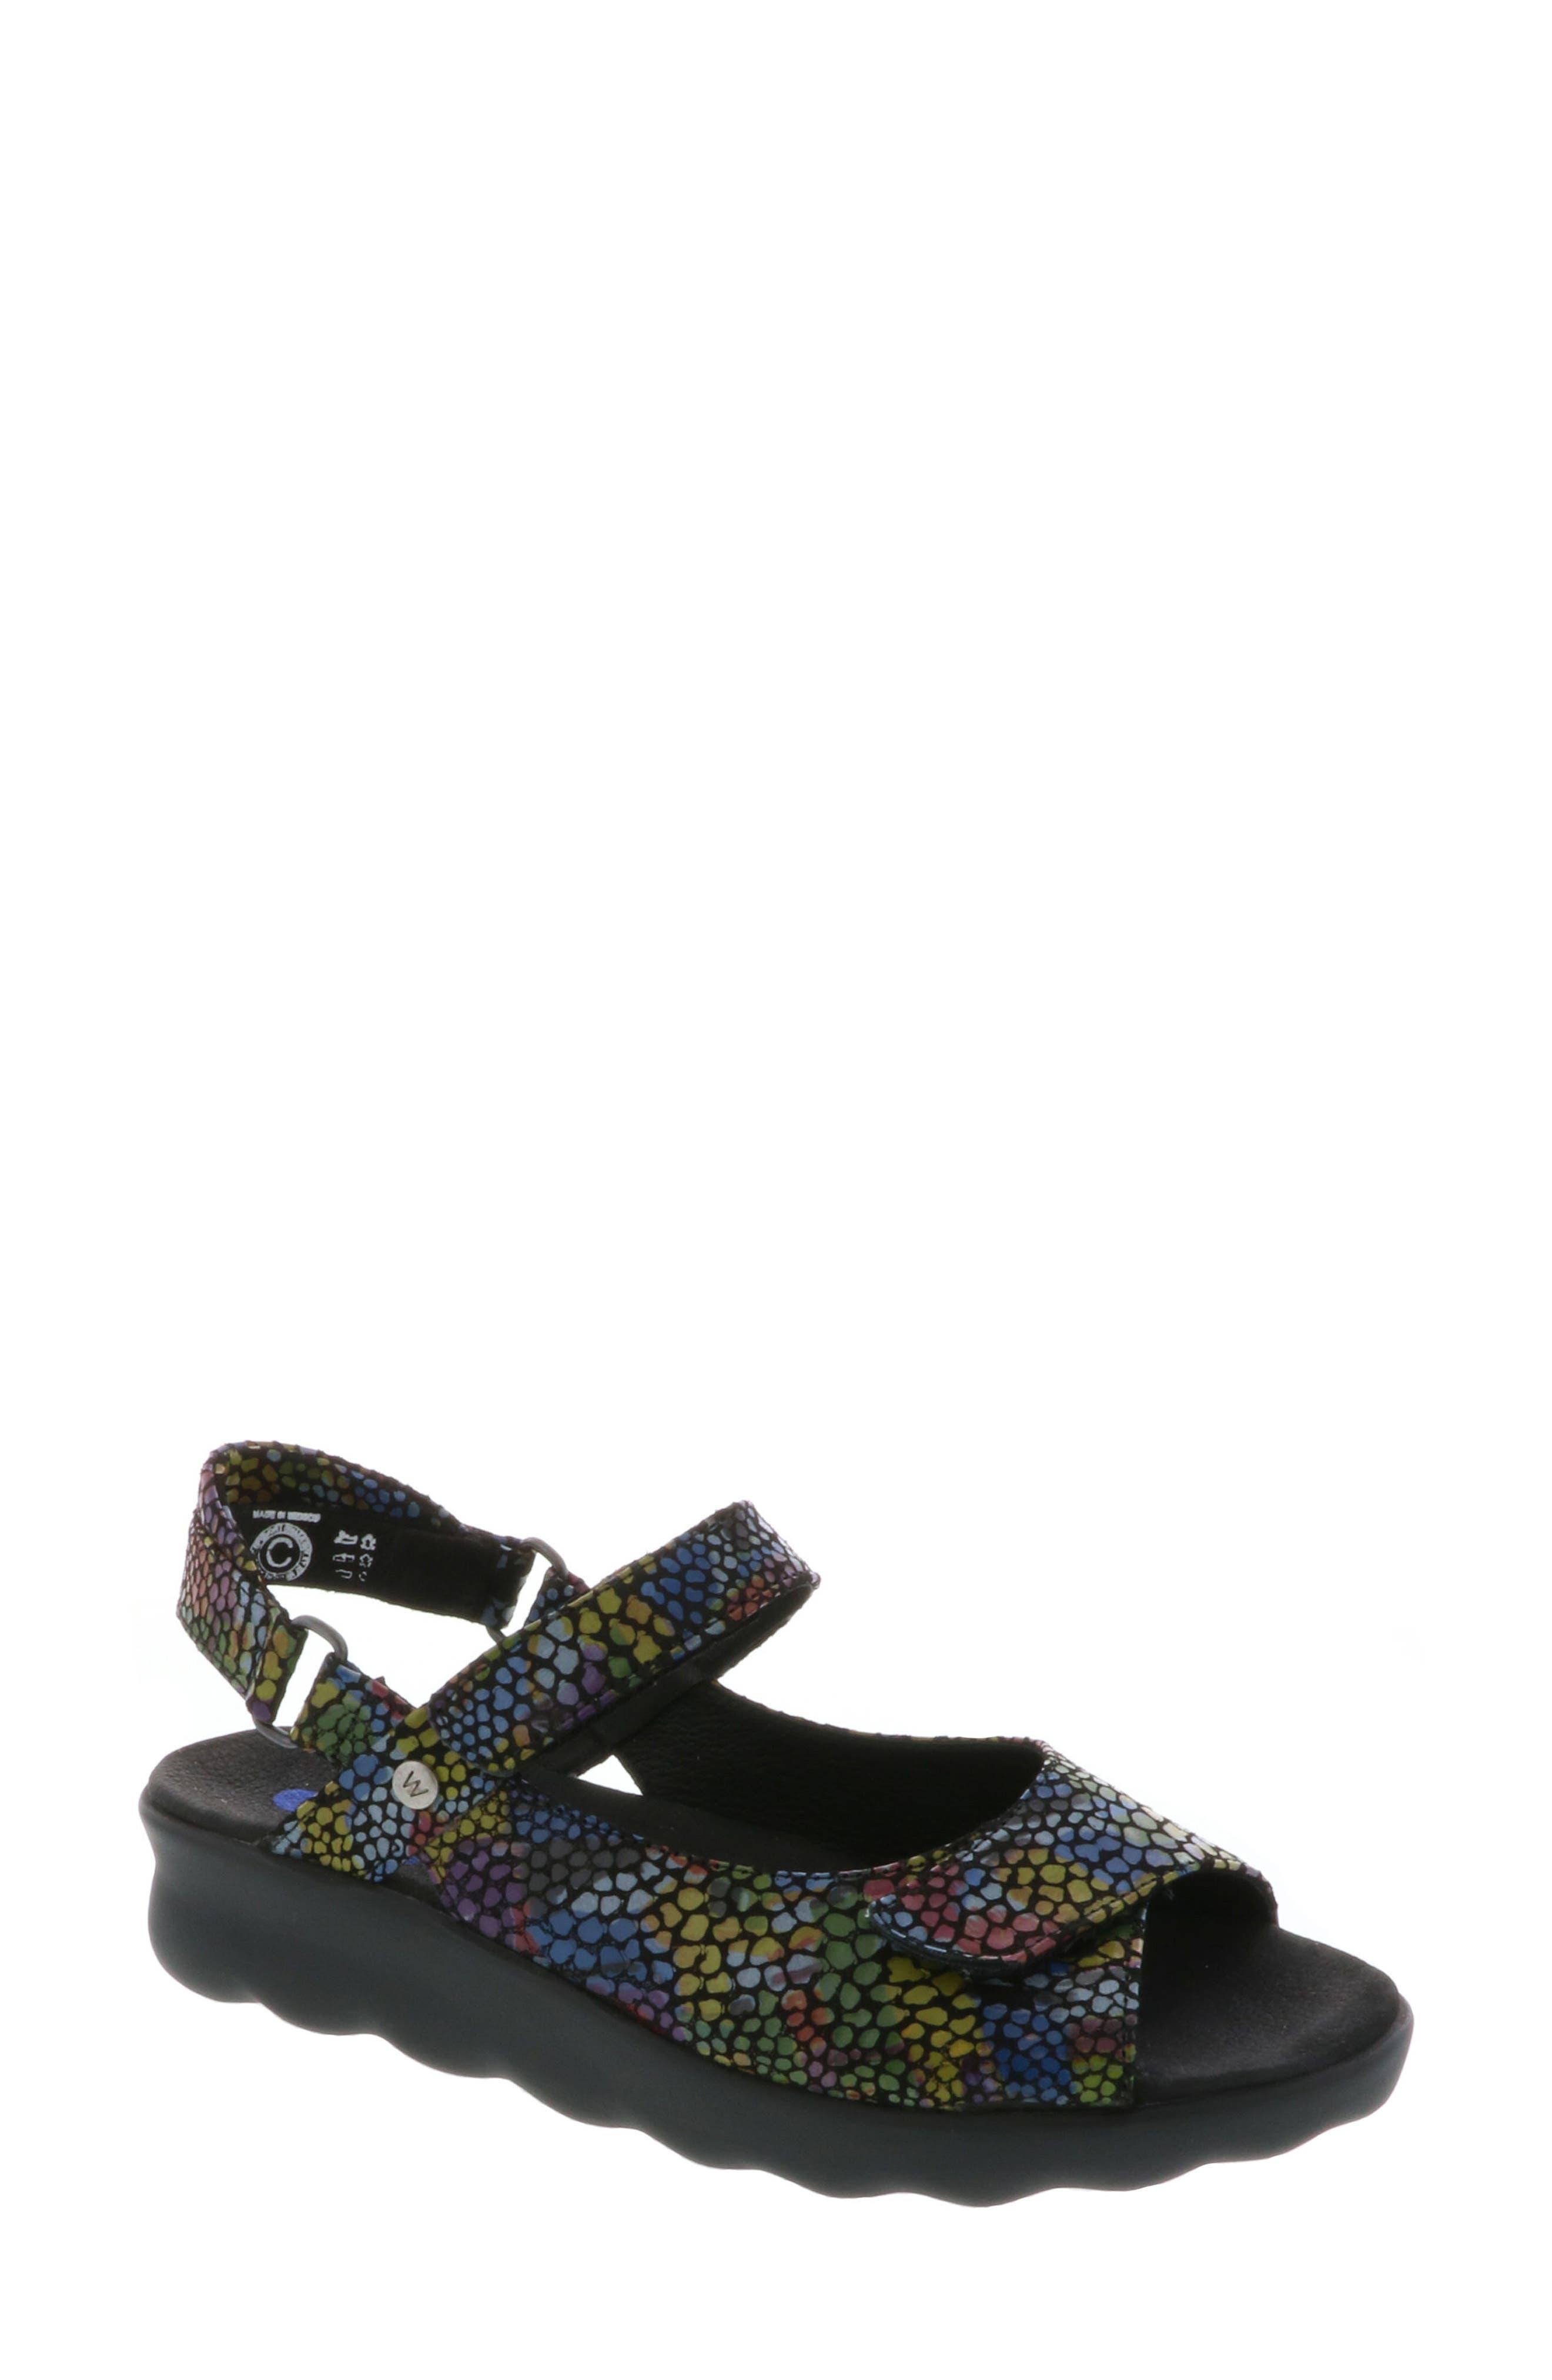 Pichu Quarter Strap Sandal,                         Main,                         color, Black Multi Color Fantasy